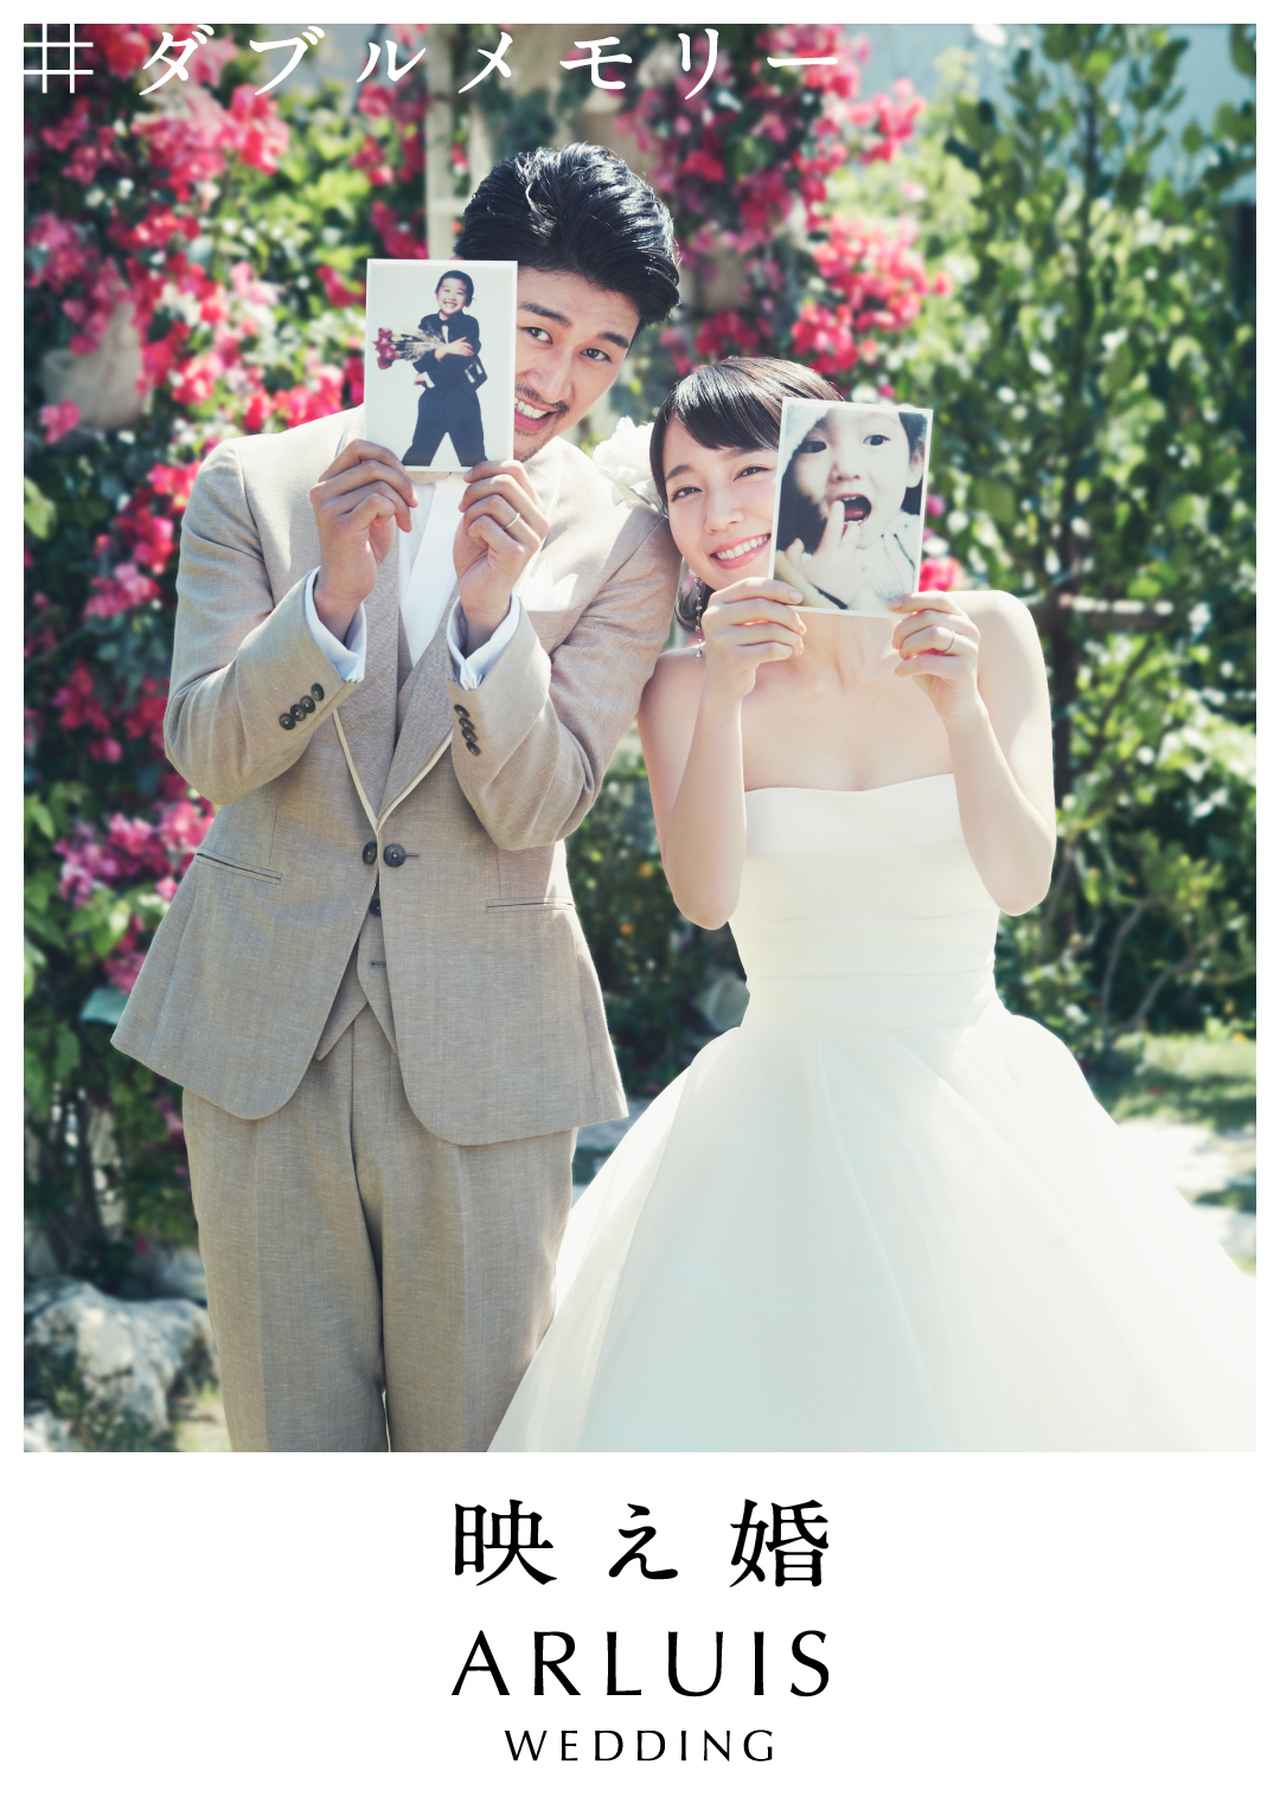 画像2: 吉岡里帆さんのレクチャーMOVIEも公開!アイデア満載&誰でも簡単「映え婚PHOTO 9選」